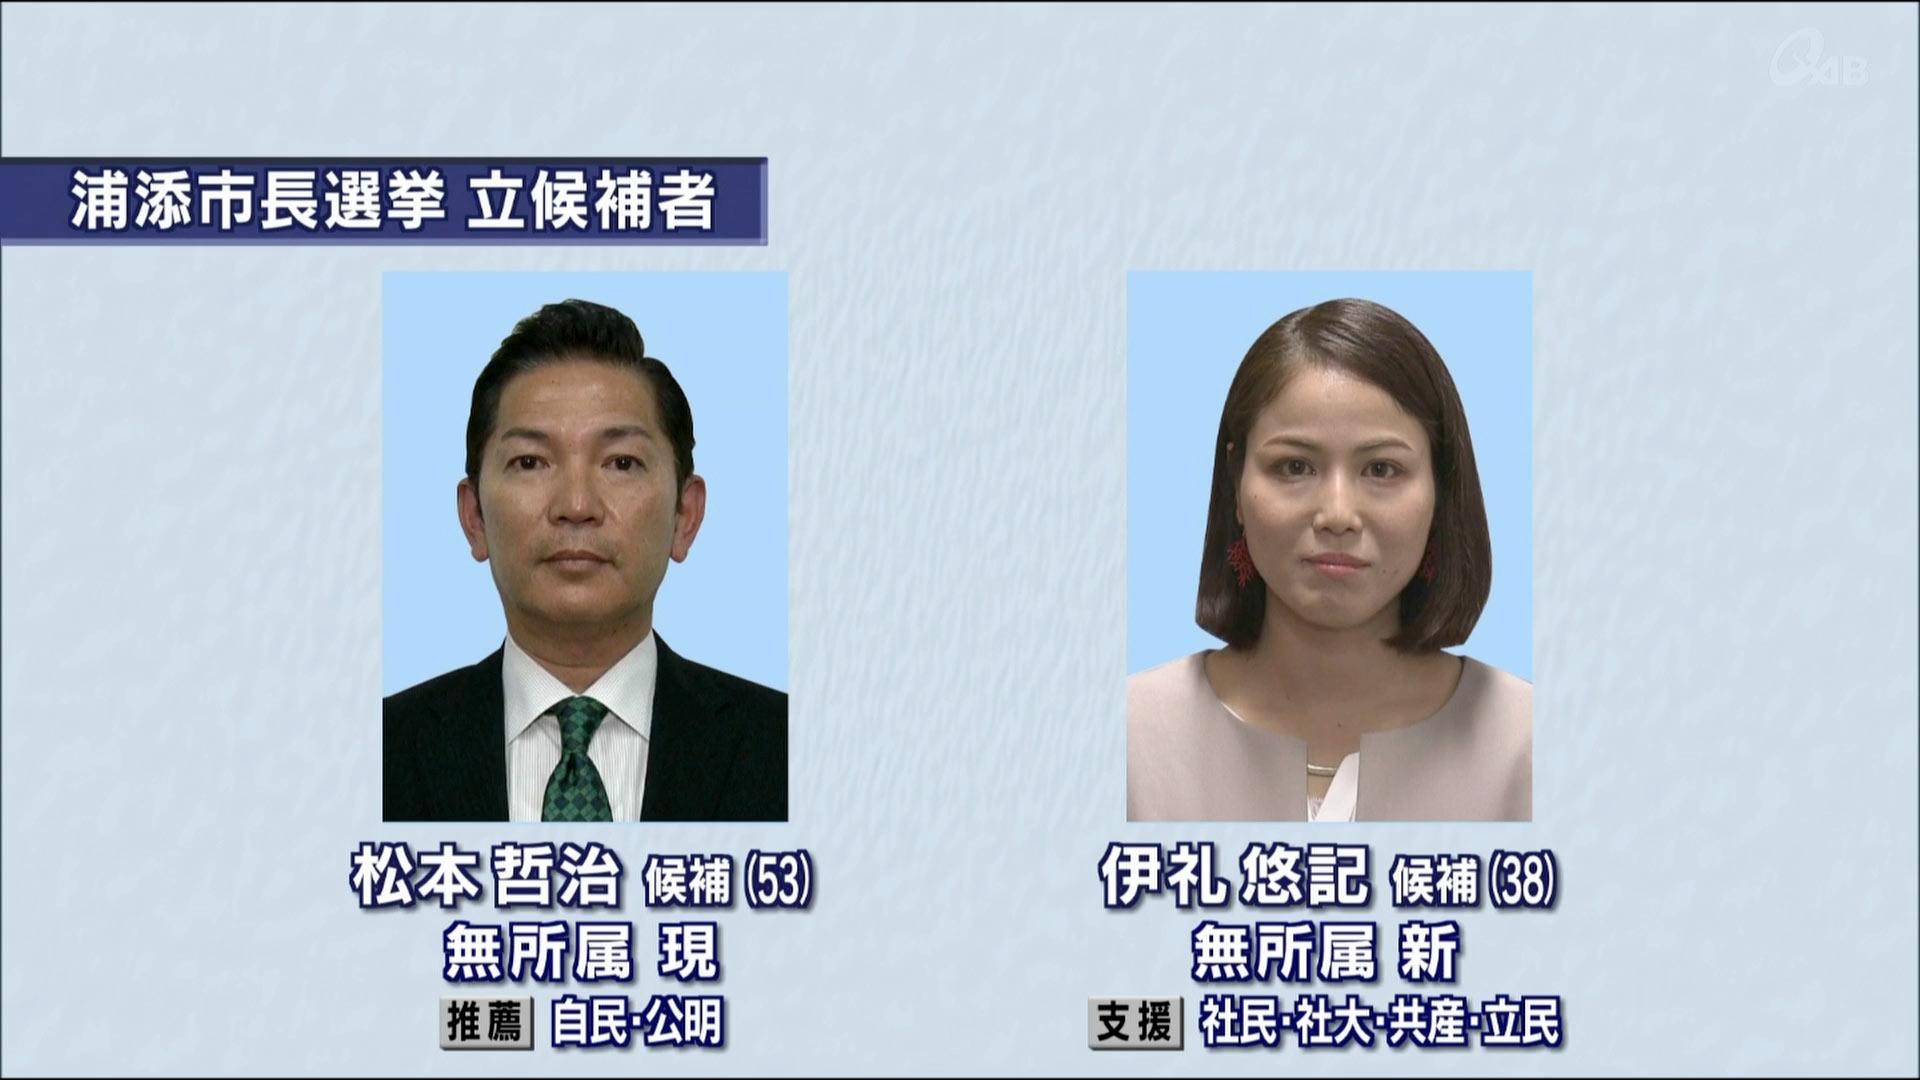 浦添市長選告示 2人が立候補